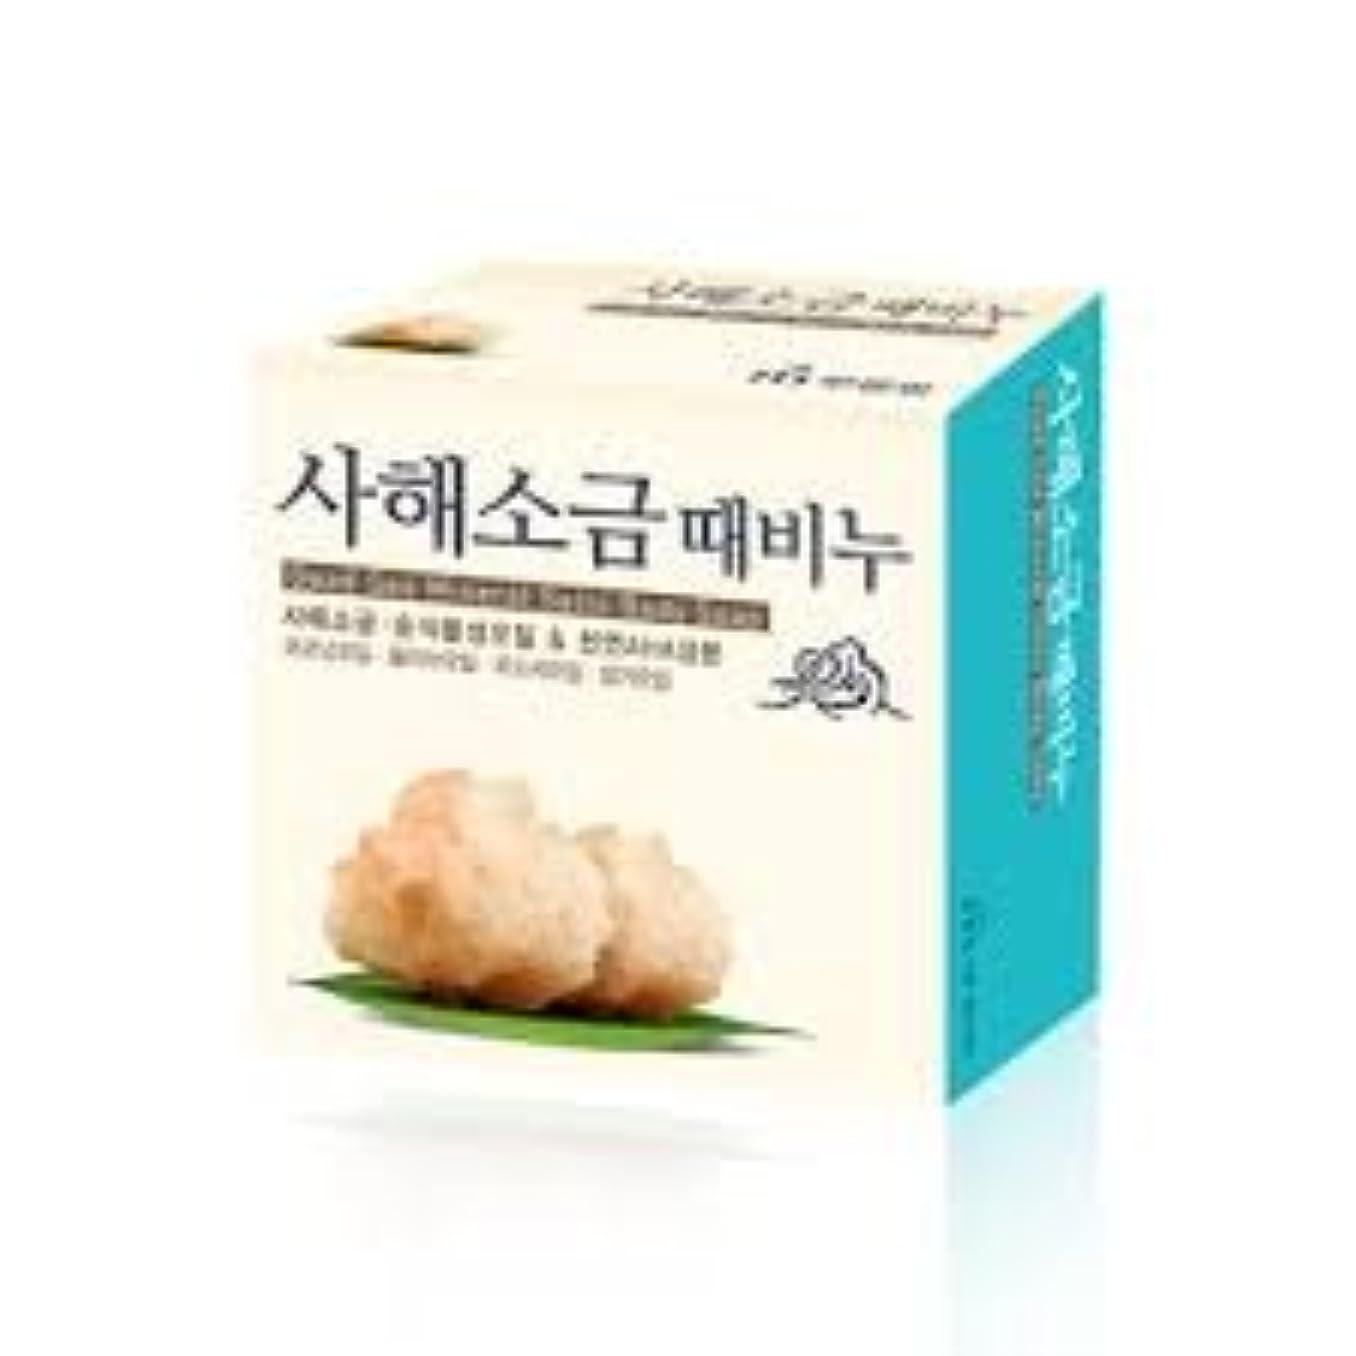 切るそれに応じて掃除ムグンファ[MUKUNGHWA] 死海 塩 垢石鹸 100g/ Dead Sea Mineral Salts Body Soap